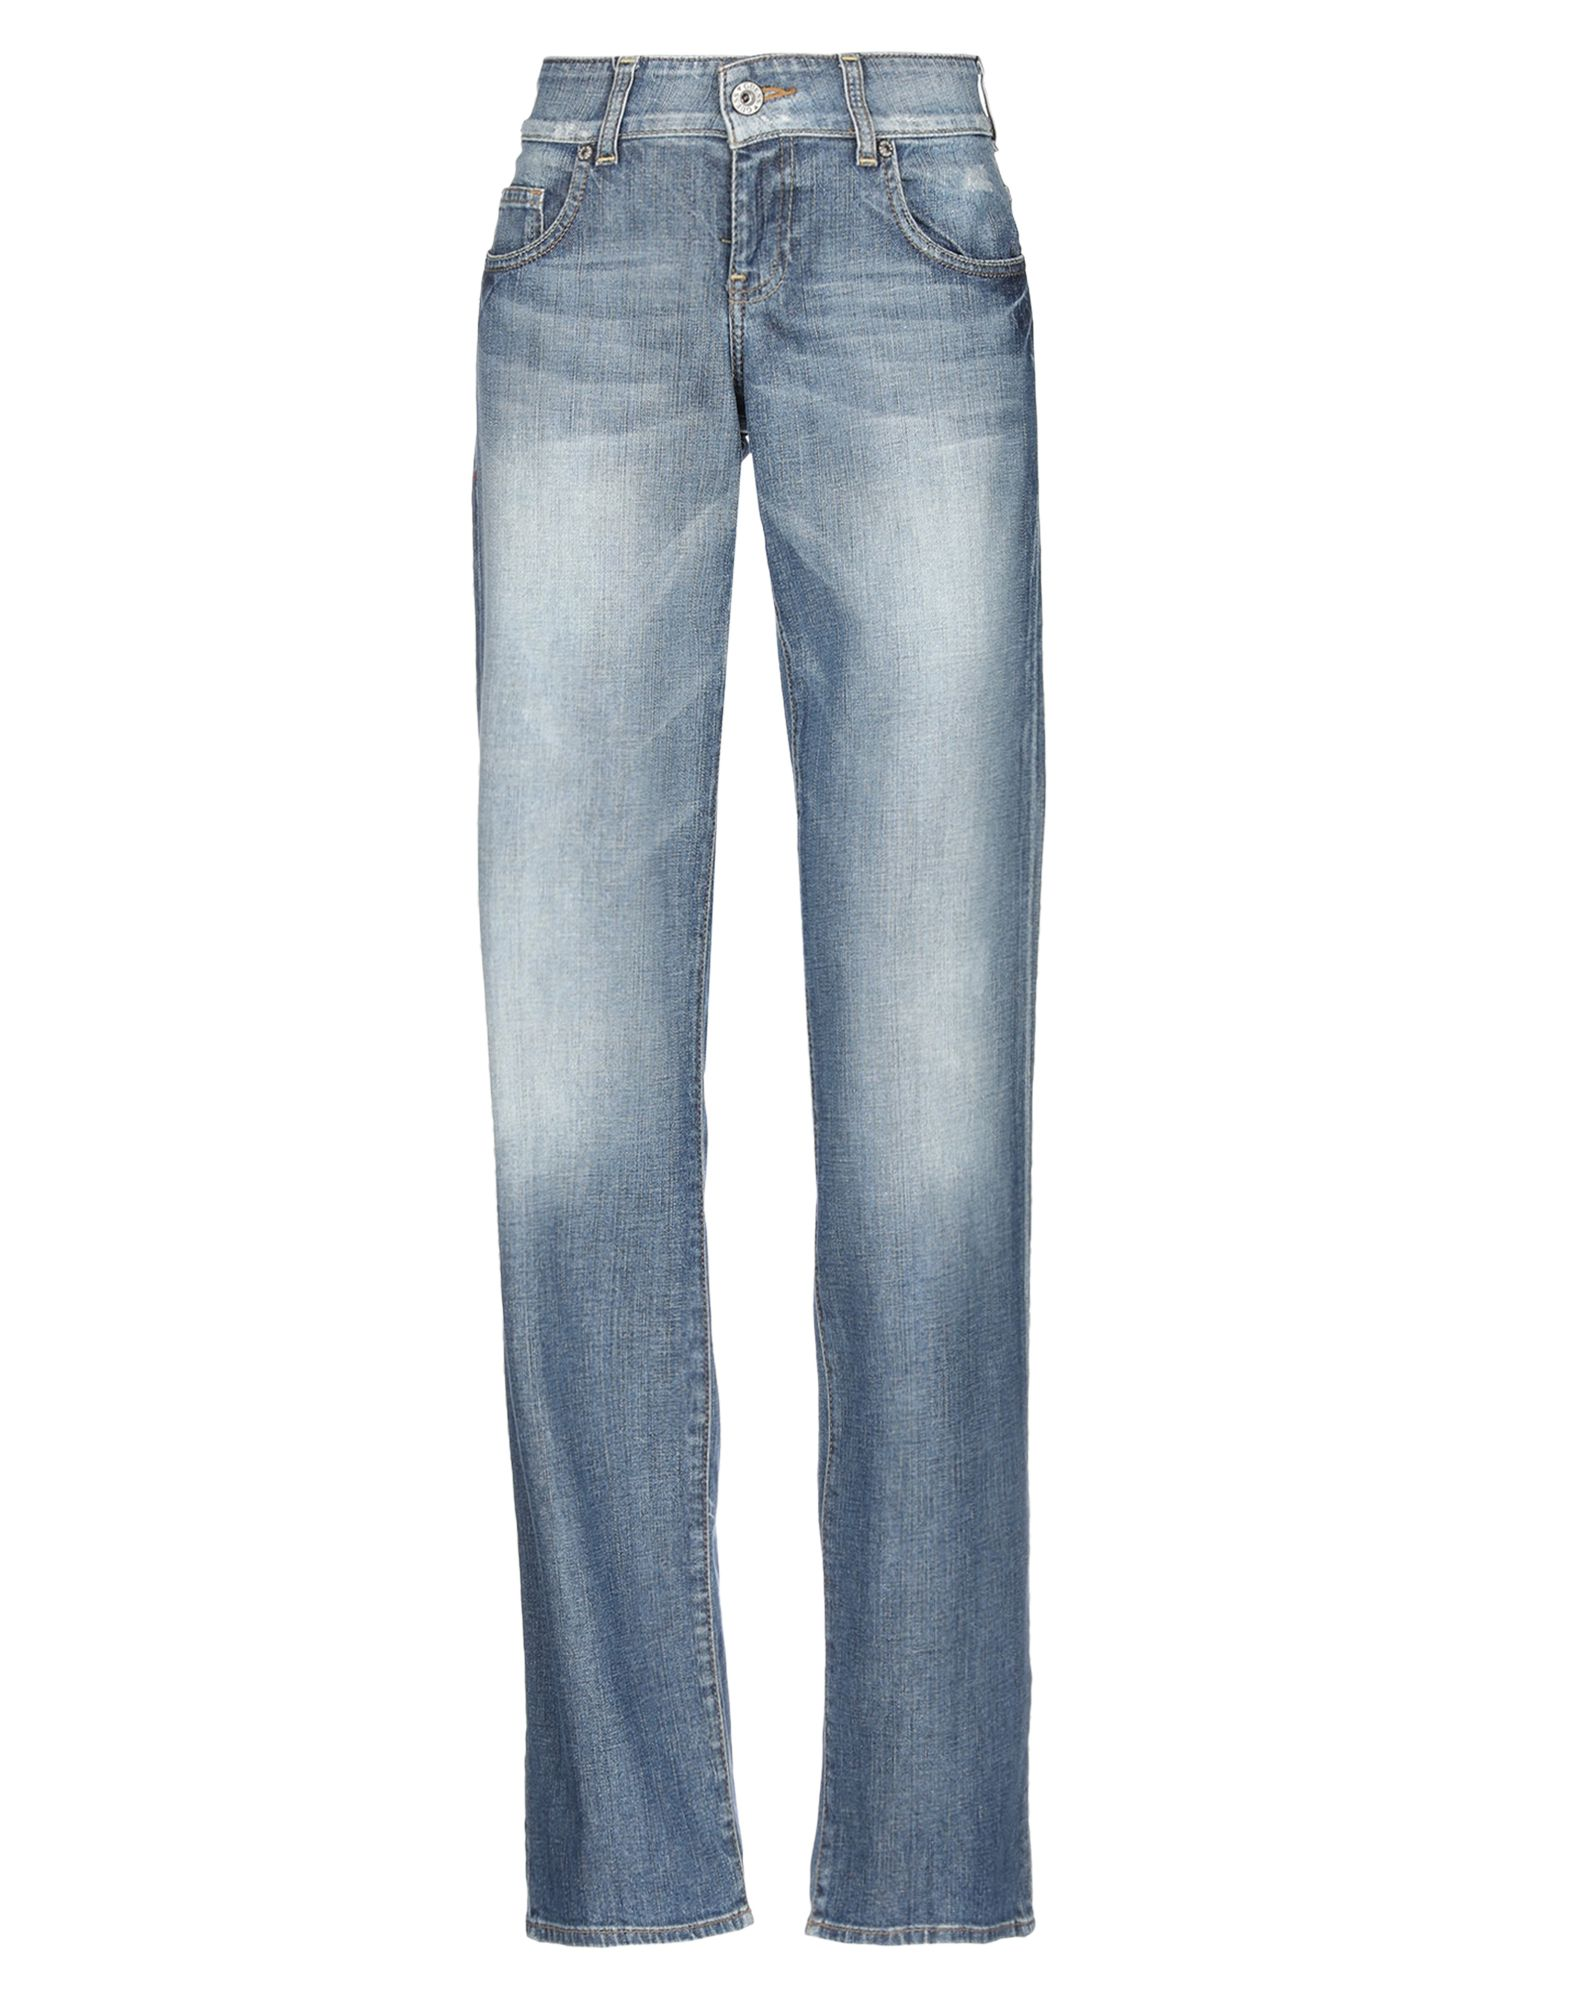 Pantaloni Jeans Guess Guess Guess donna - 42753843HI 650